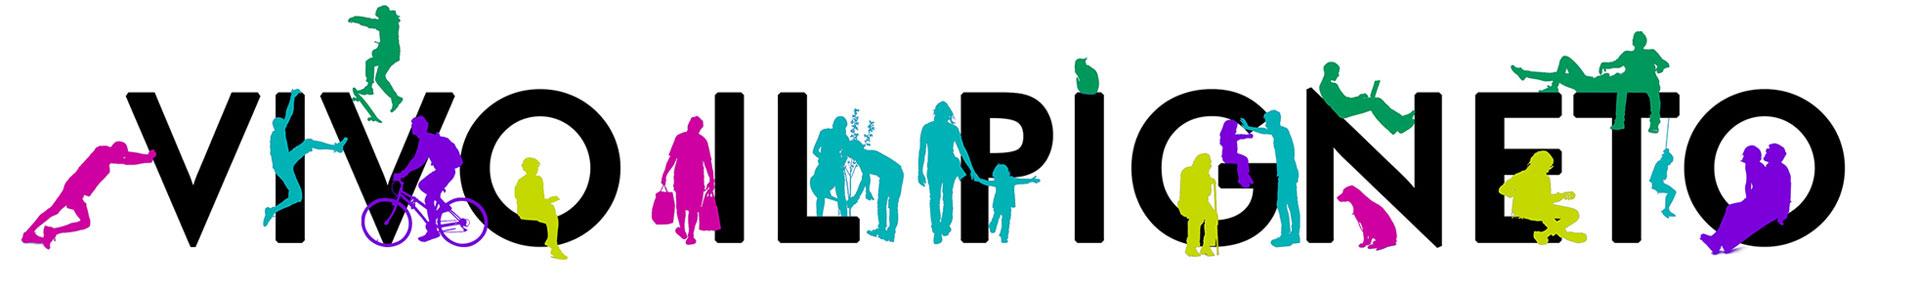 logo-lineare-vivo-il-pigneto